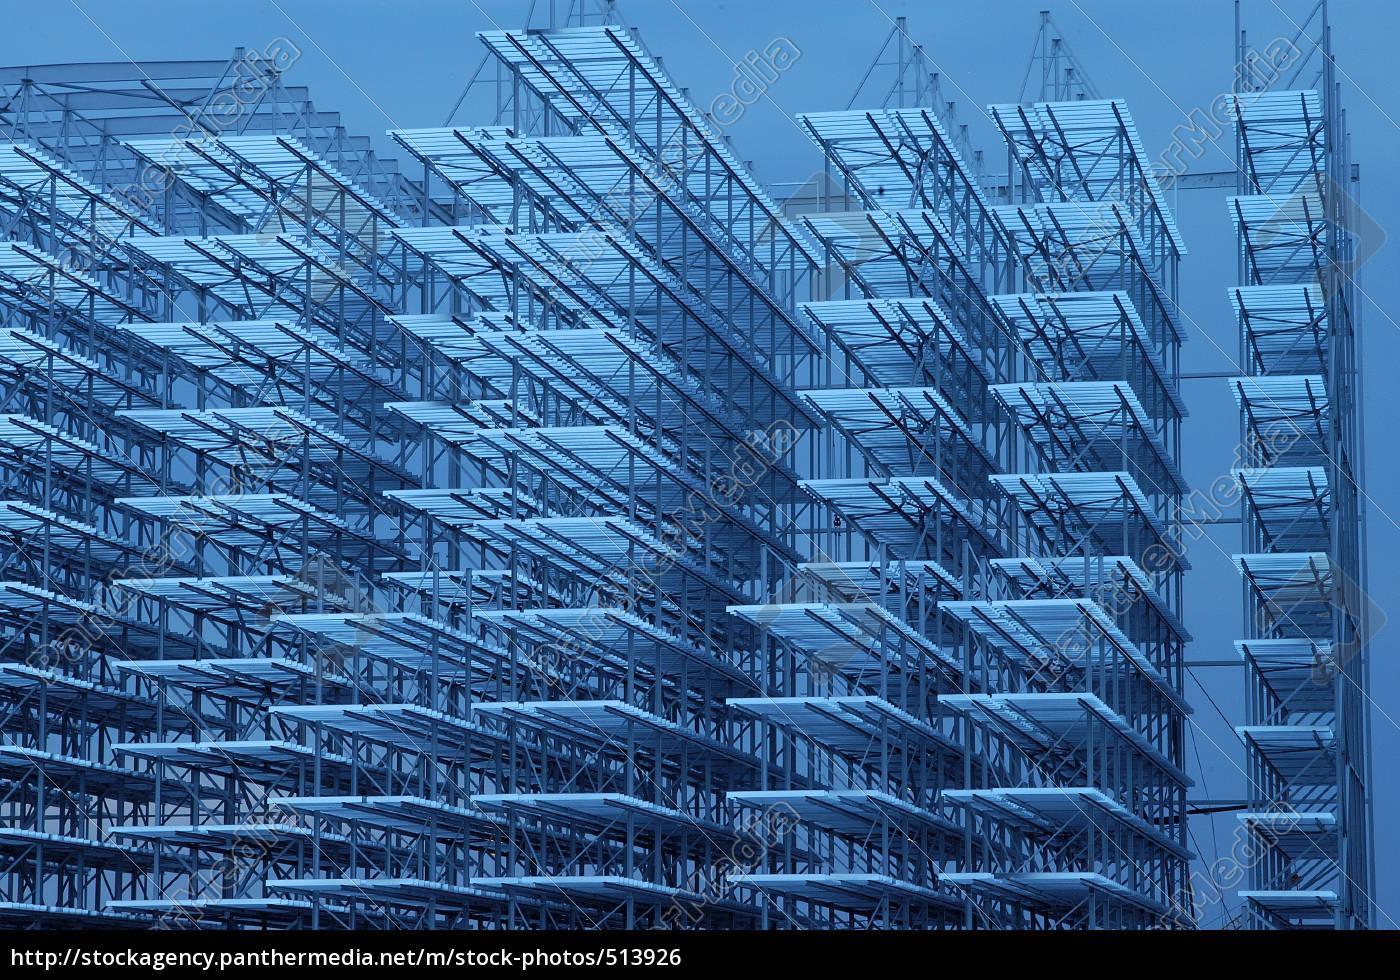 scaffolding - 513926